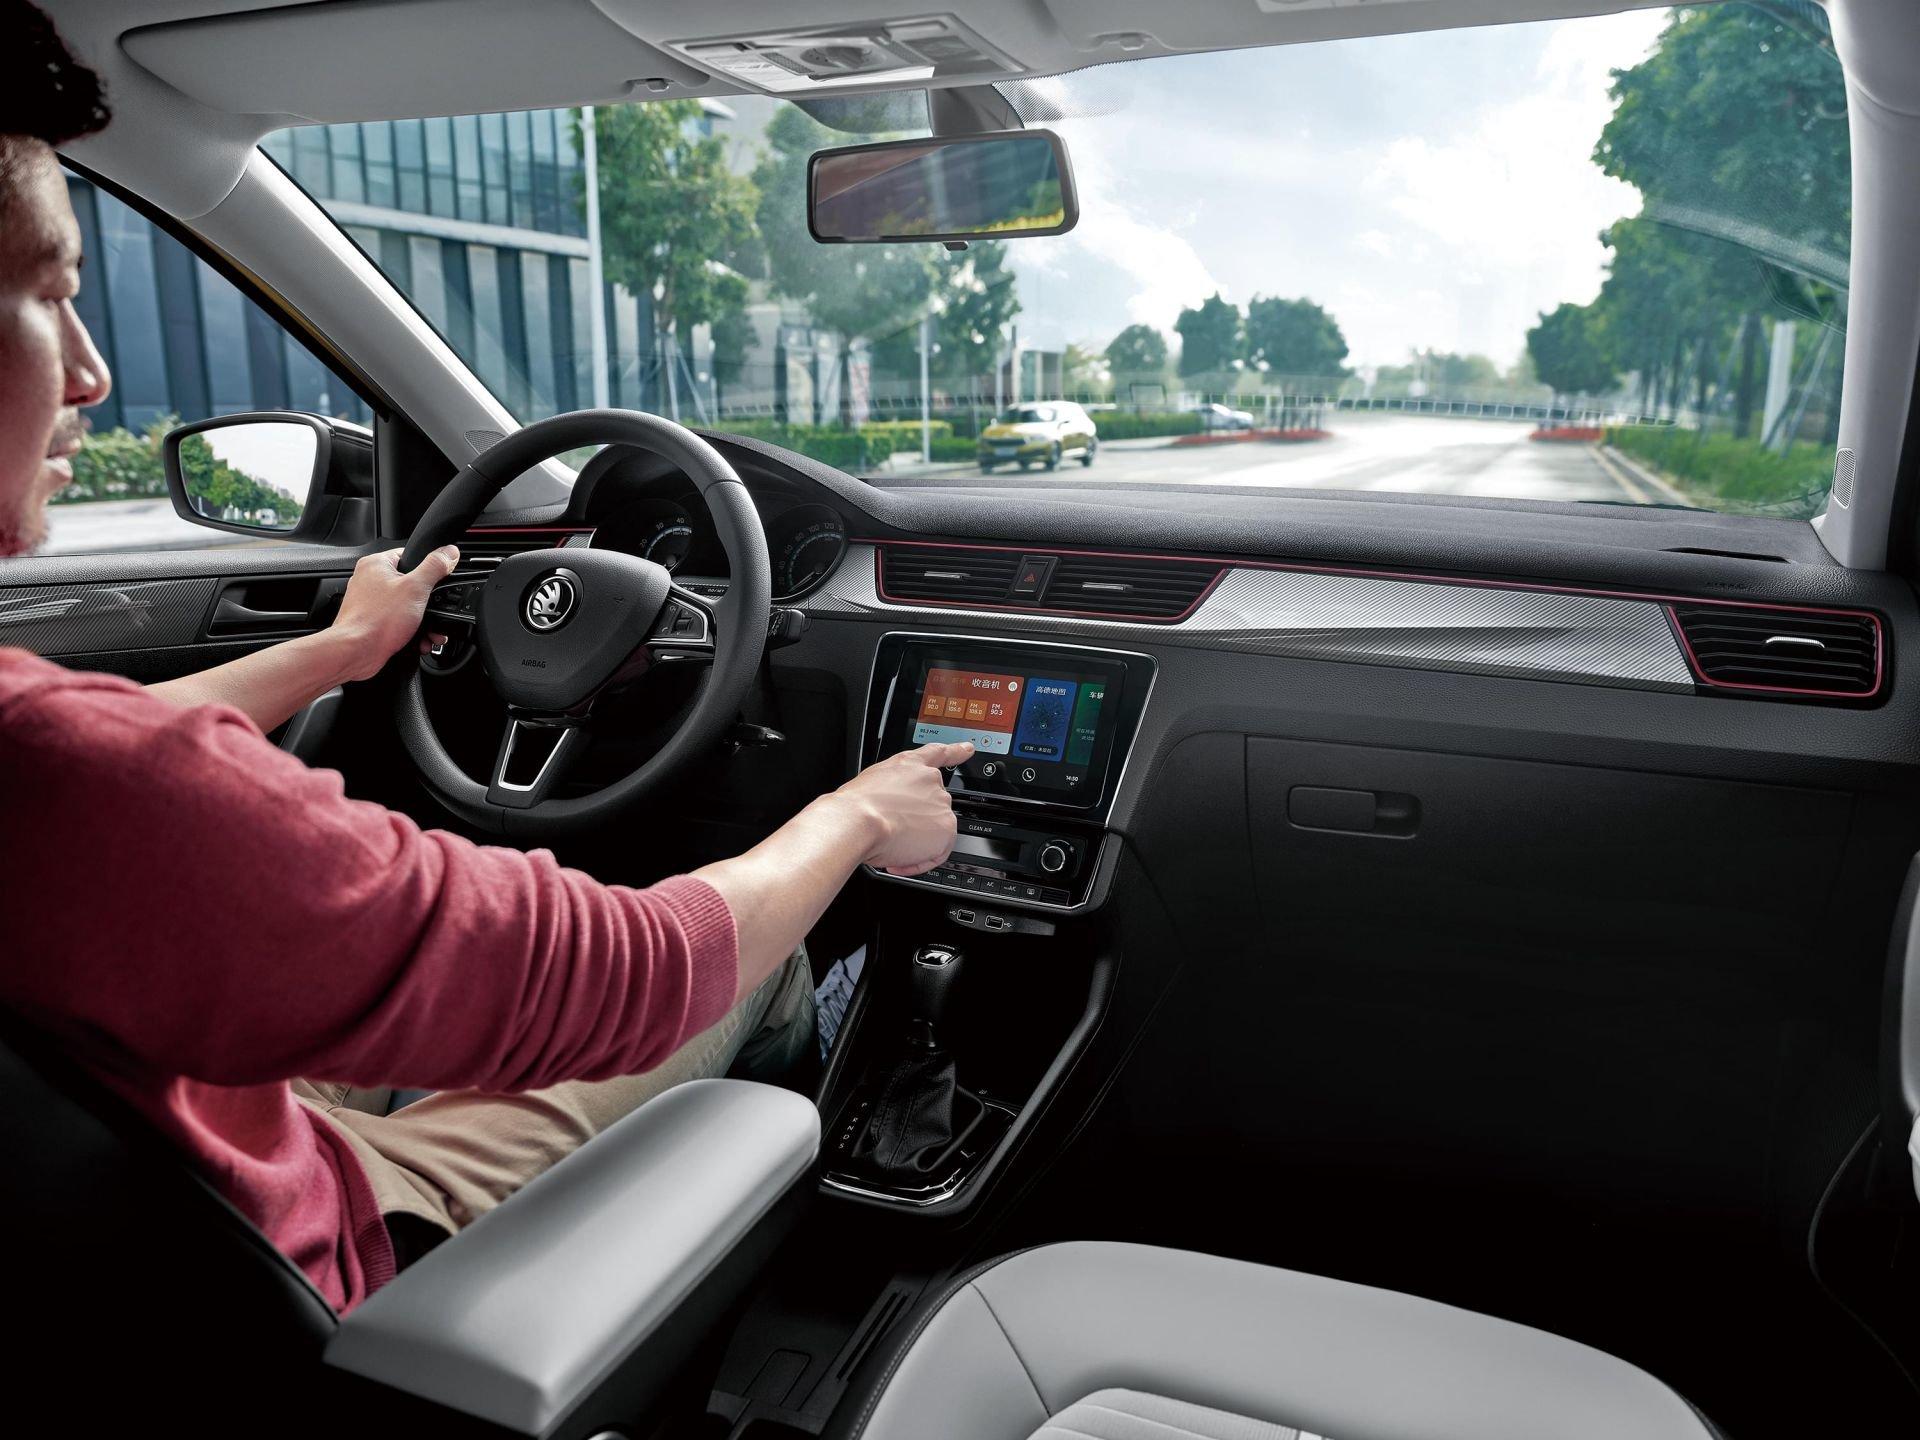 Китайская версия Skoda Rapid получила меньше обновок, чем российская